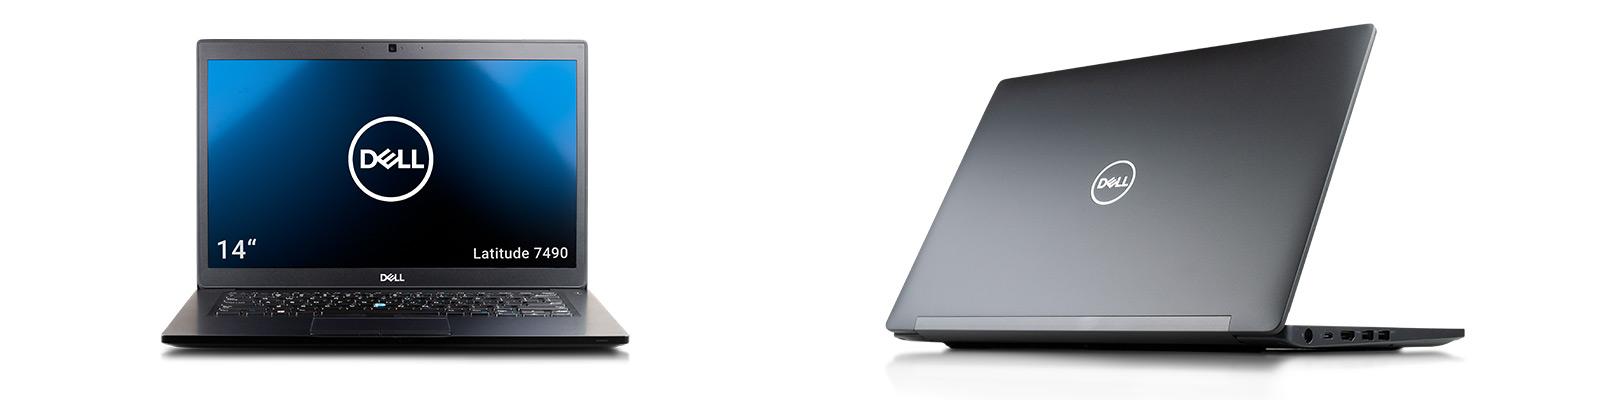 Das Latitude 7490 punktet mit einem guten, matten Display, das dennoch Touch-Funktionalität aufweist.